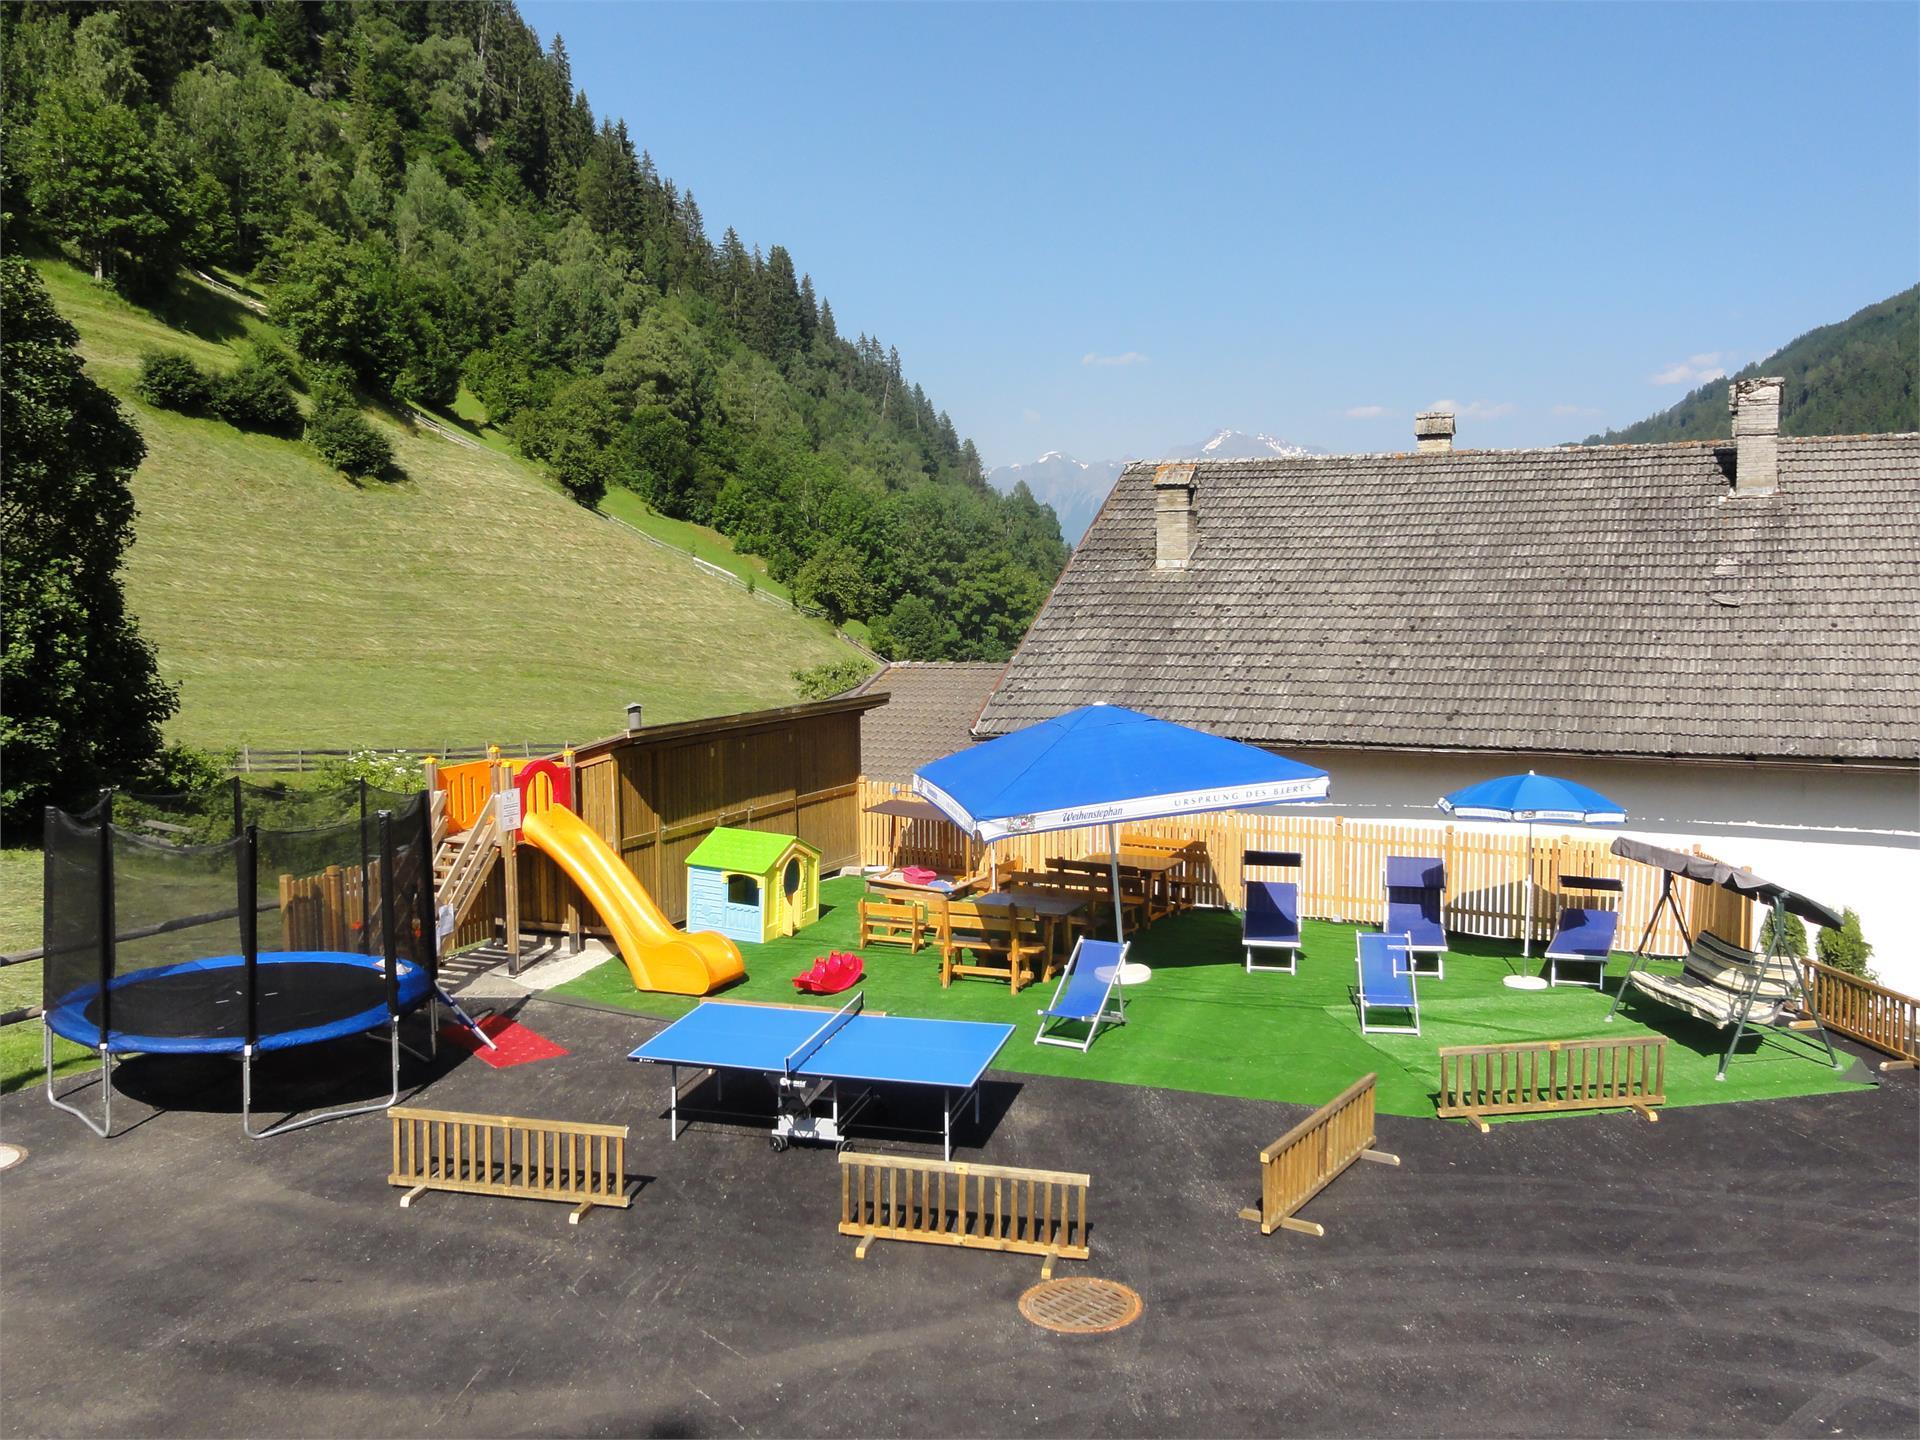 Kinderspielplatz mit Trampolin, Rutsche, Sandkasten